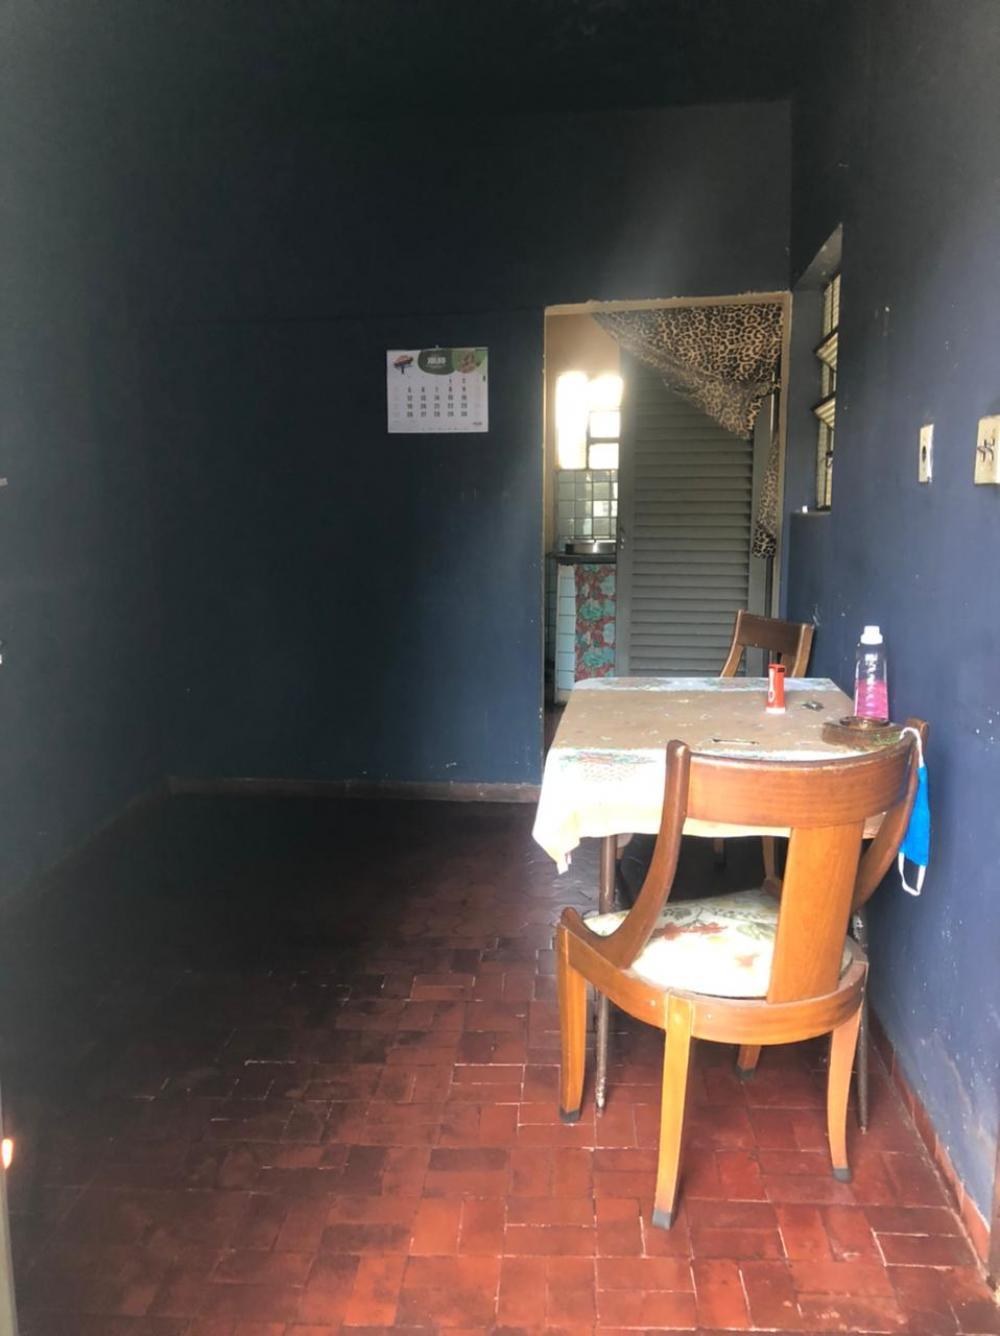 Comprar Casa / Padrão em Ribeirão Preto R$ 270.000,00 - Foto 14